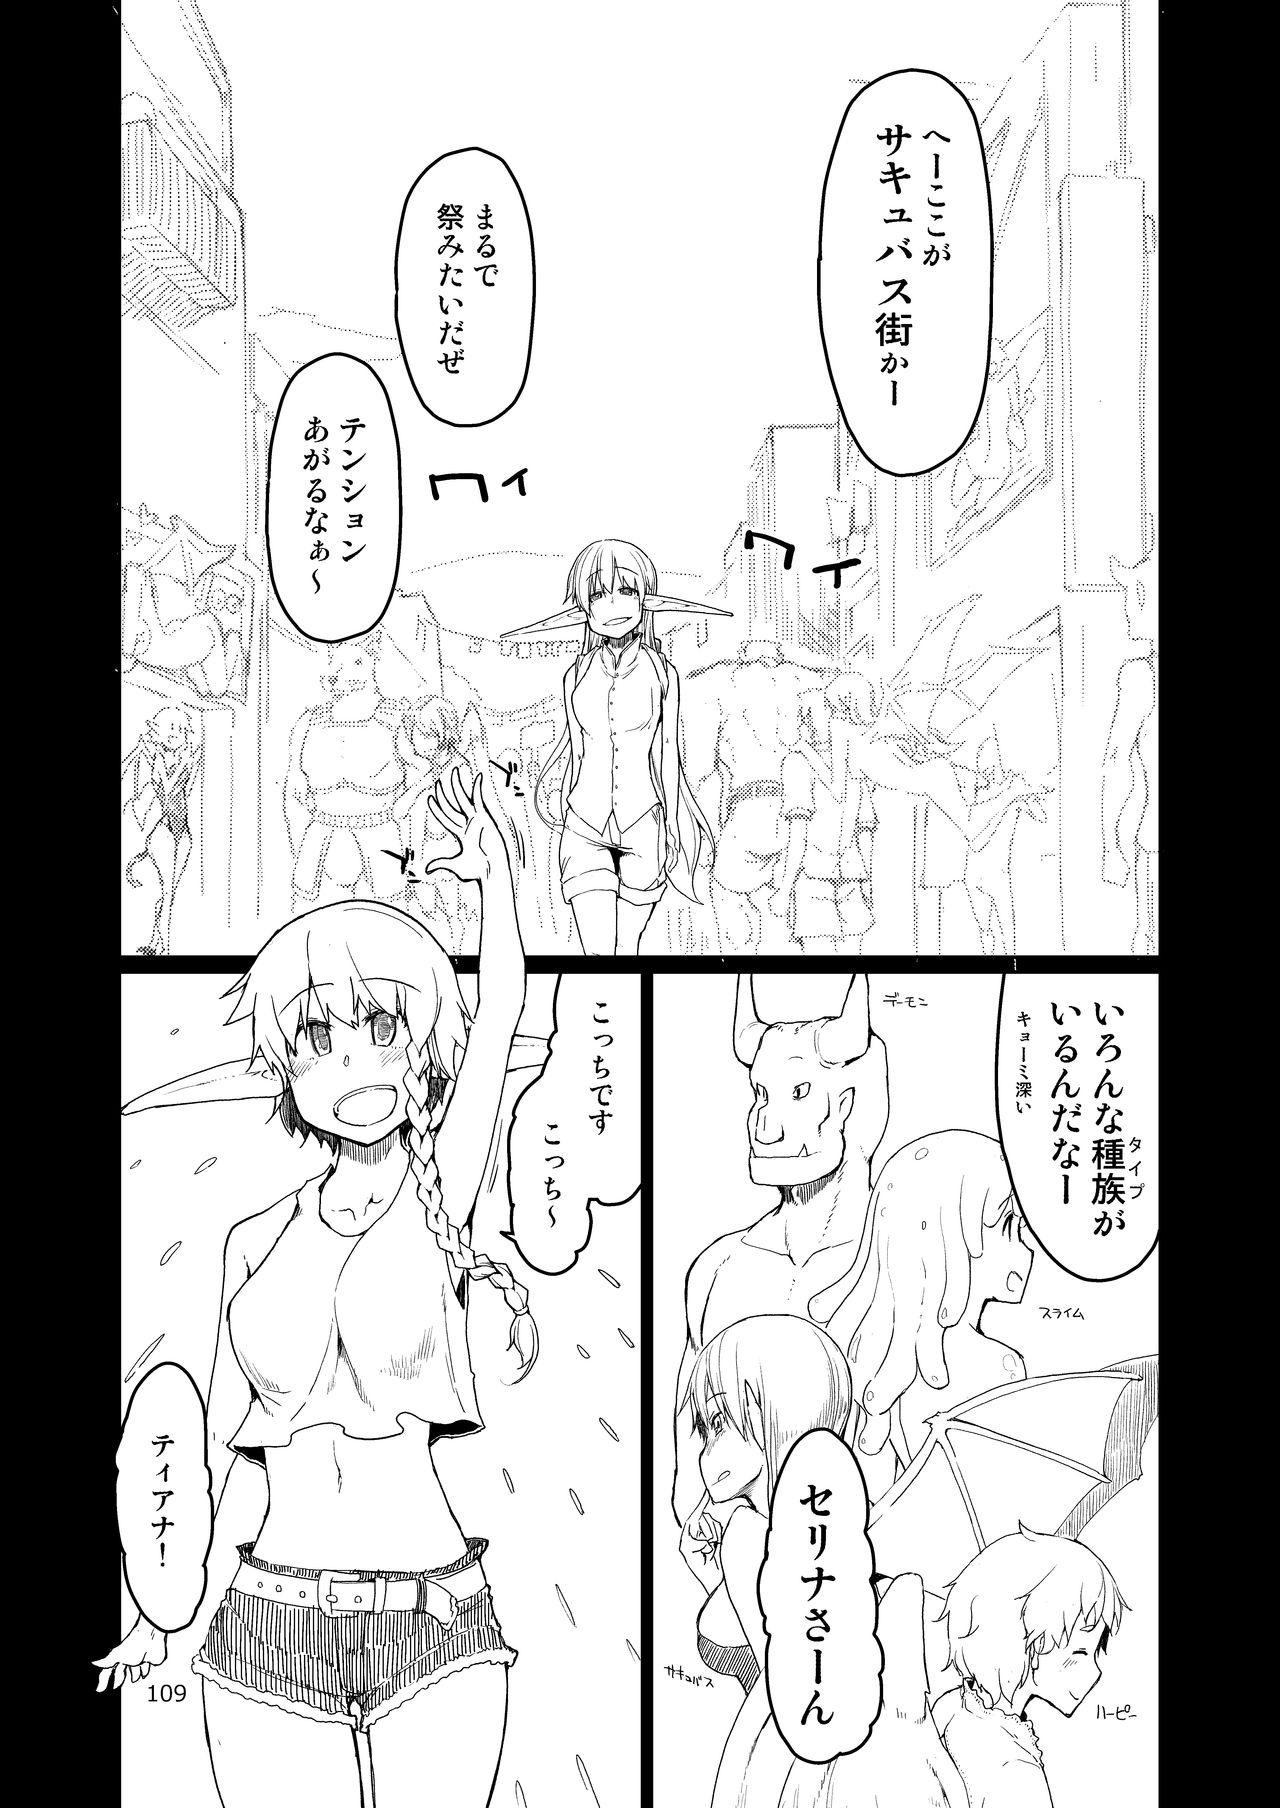 Dosukebe Elf no Ishukan Nikki Matome 2 109